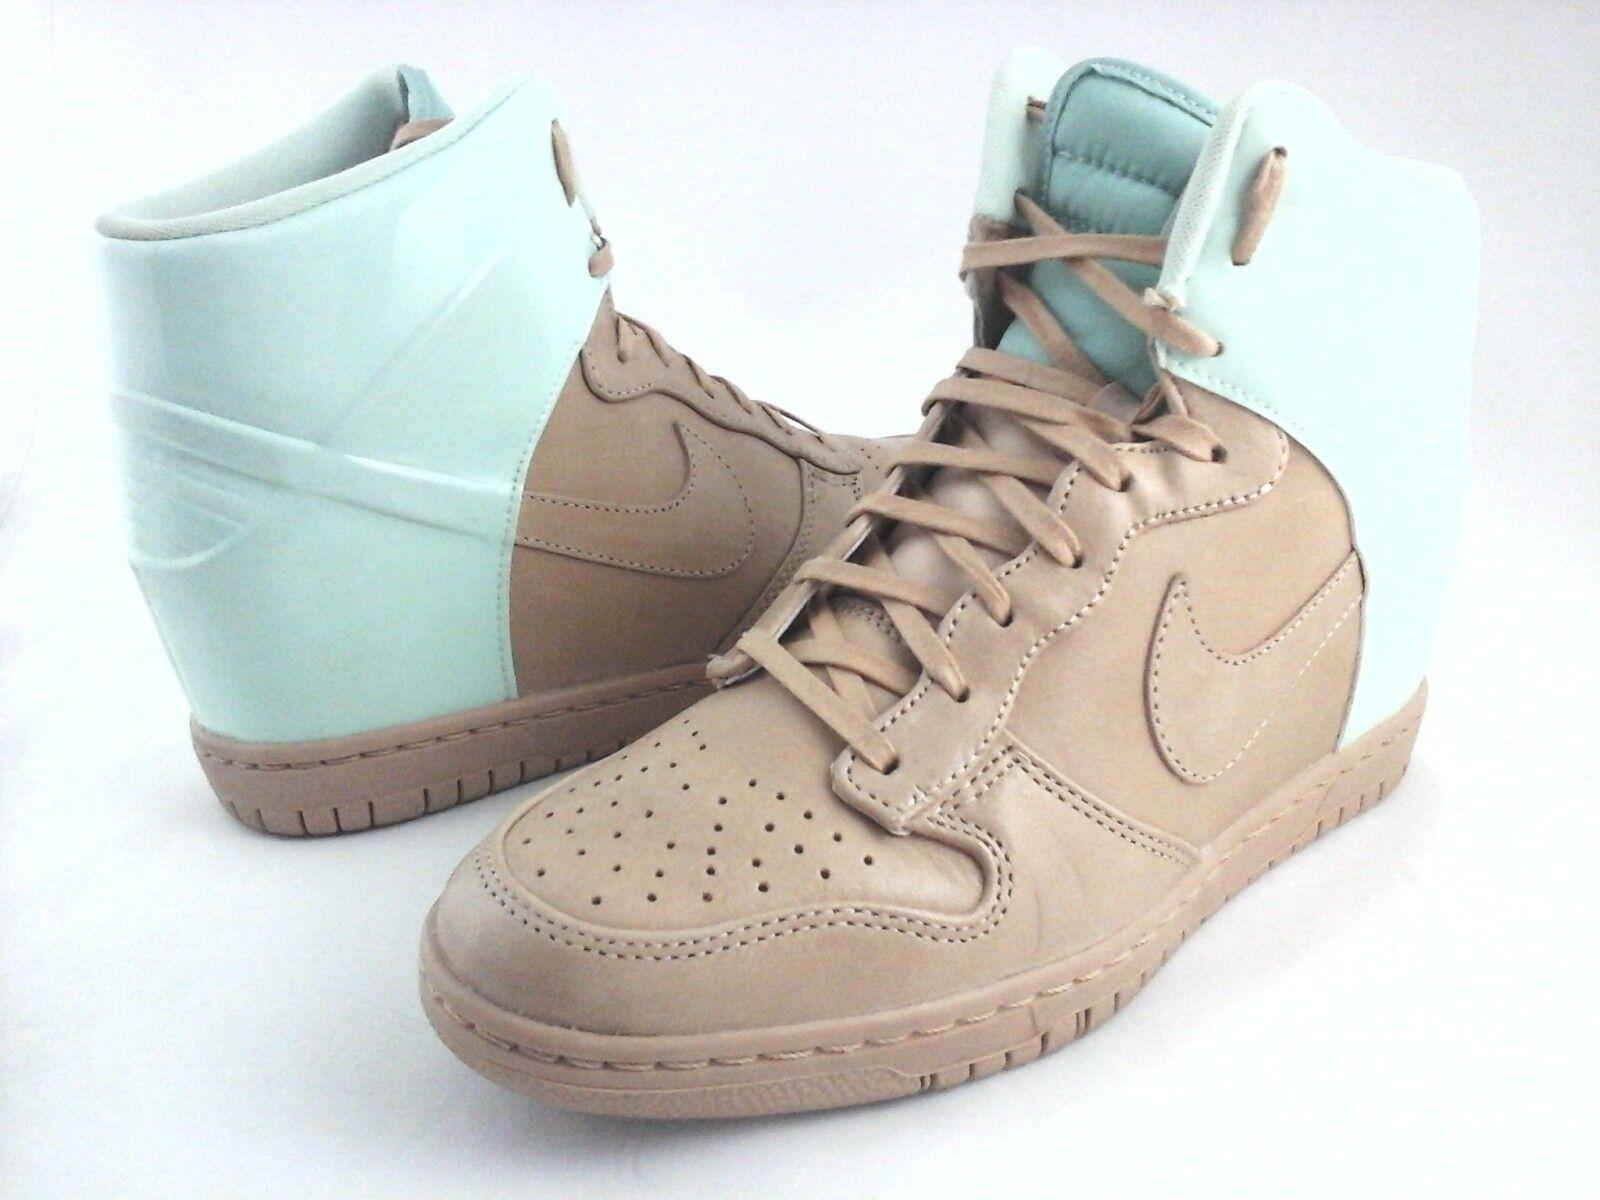 Zapatillas Nike Sky Hi Aqua Verde/Tan Cuña Mujer Dunk Zapatos Mujer Cuña 611908 US 9 7e29ff